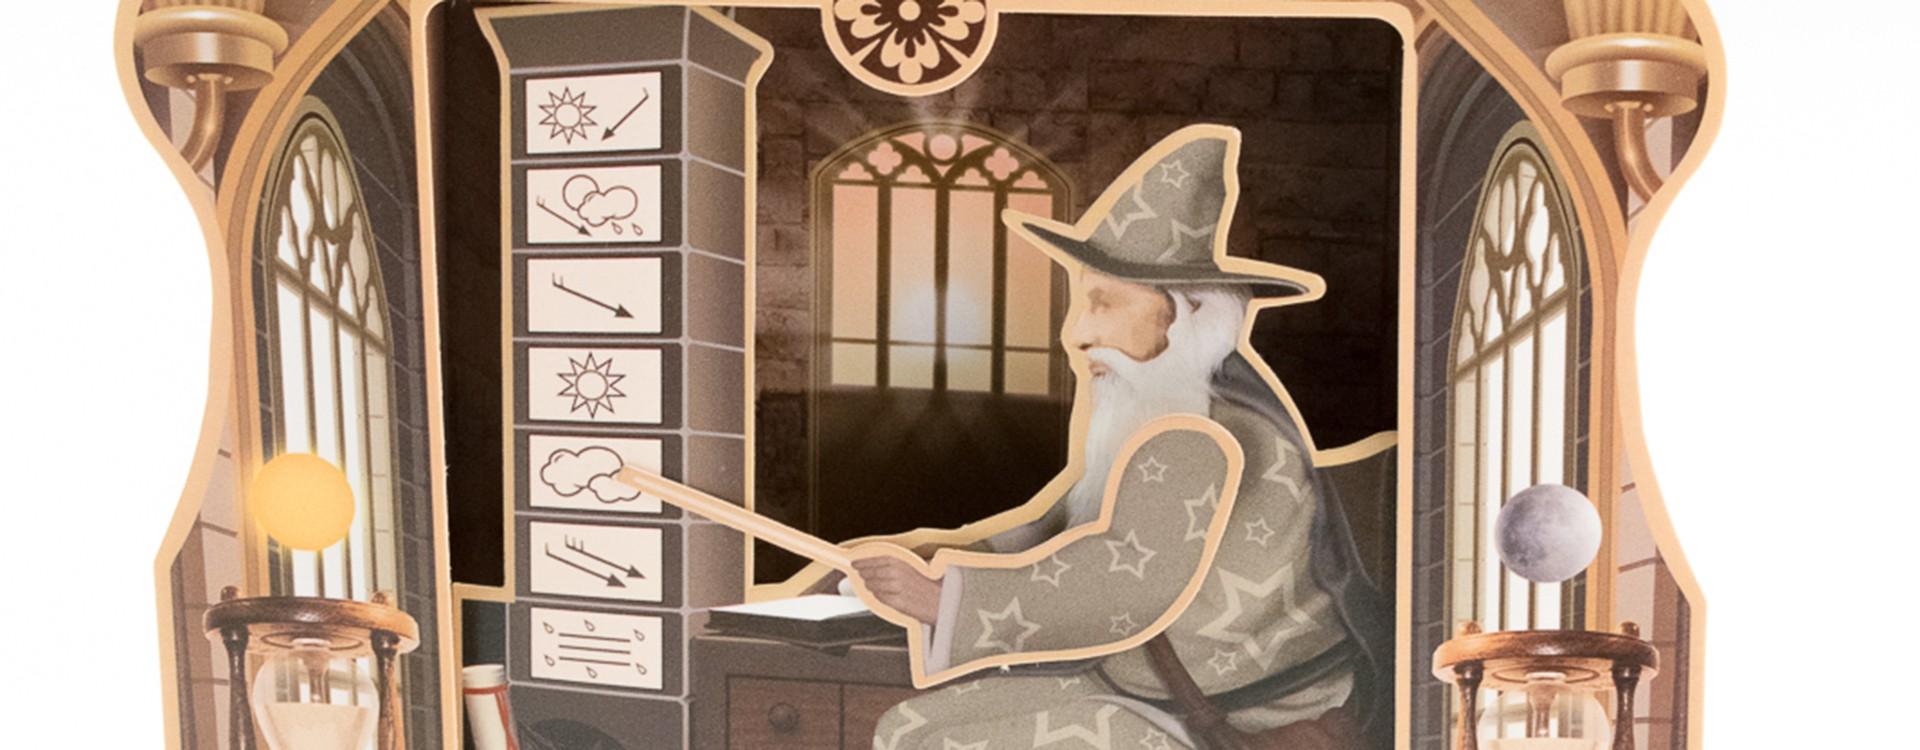 ¿Sabes quién inventó el higrómetro?